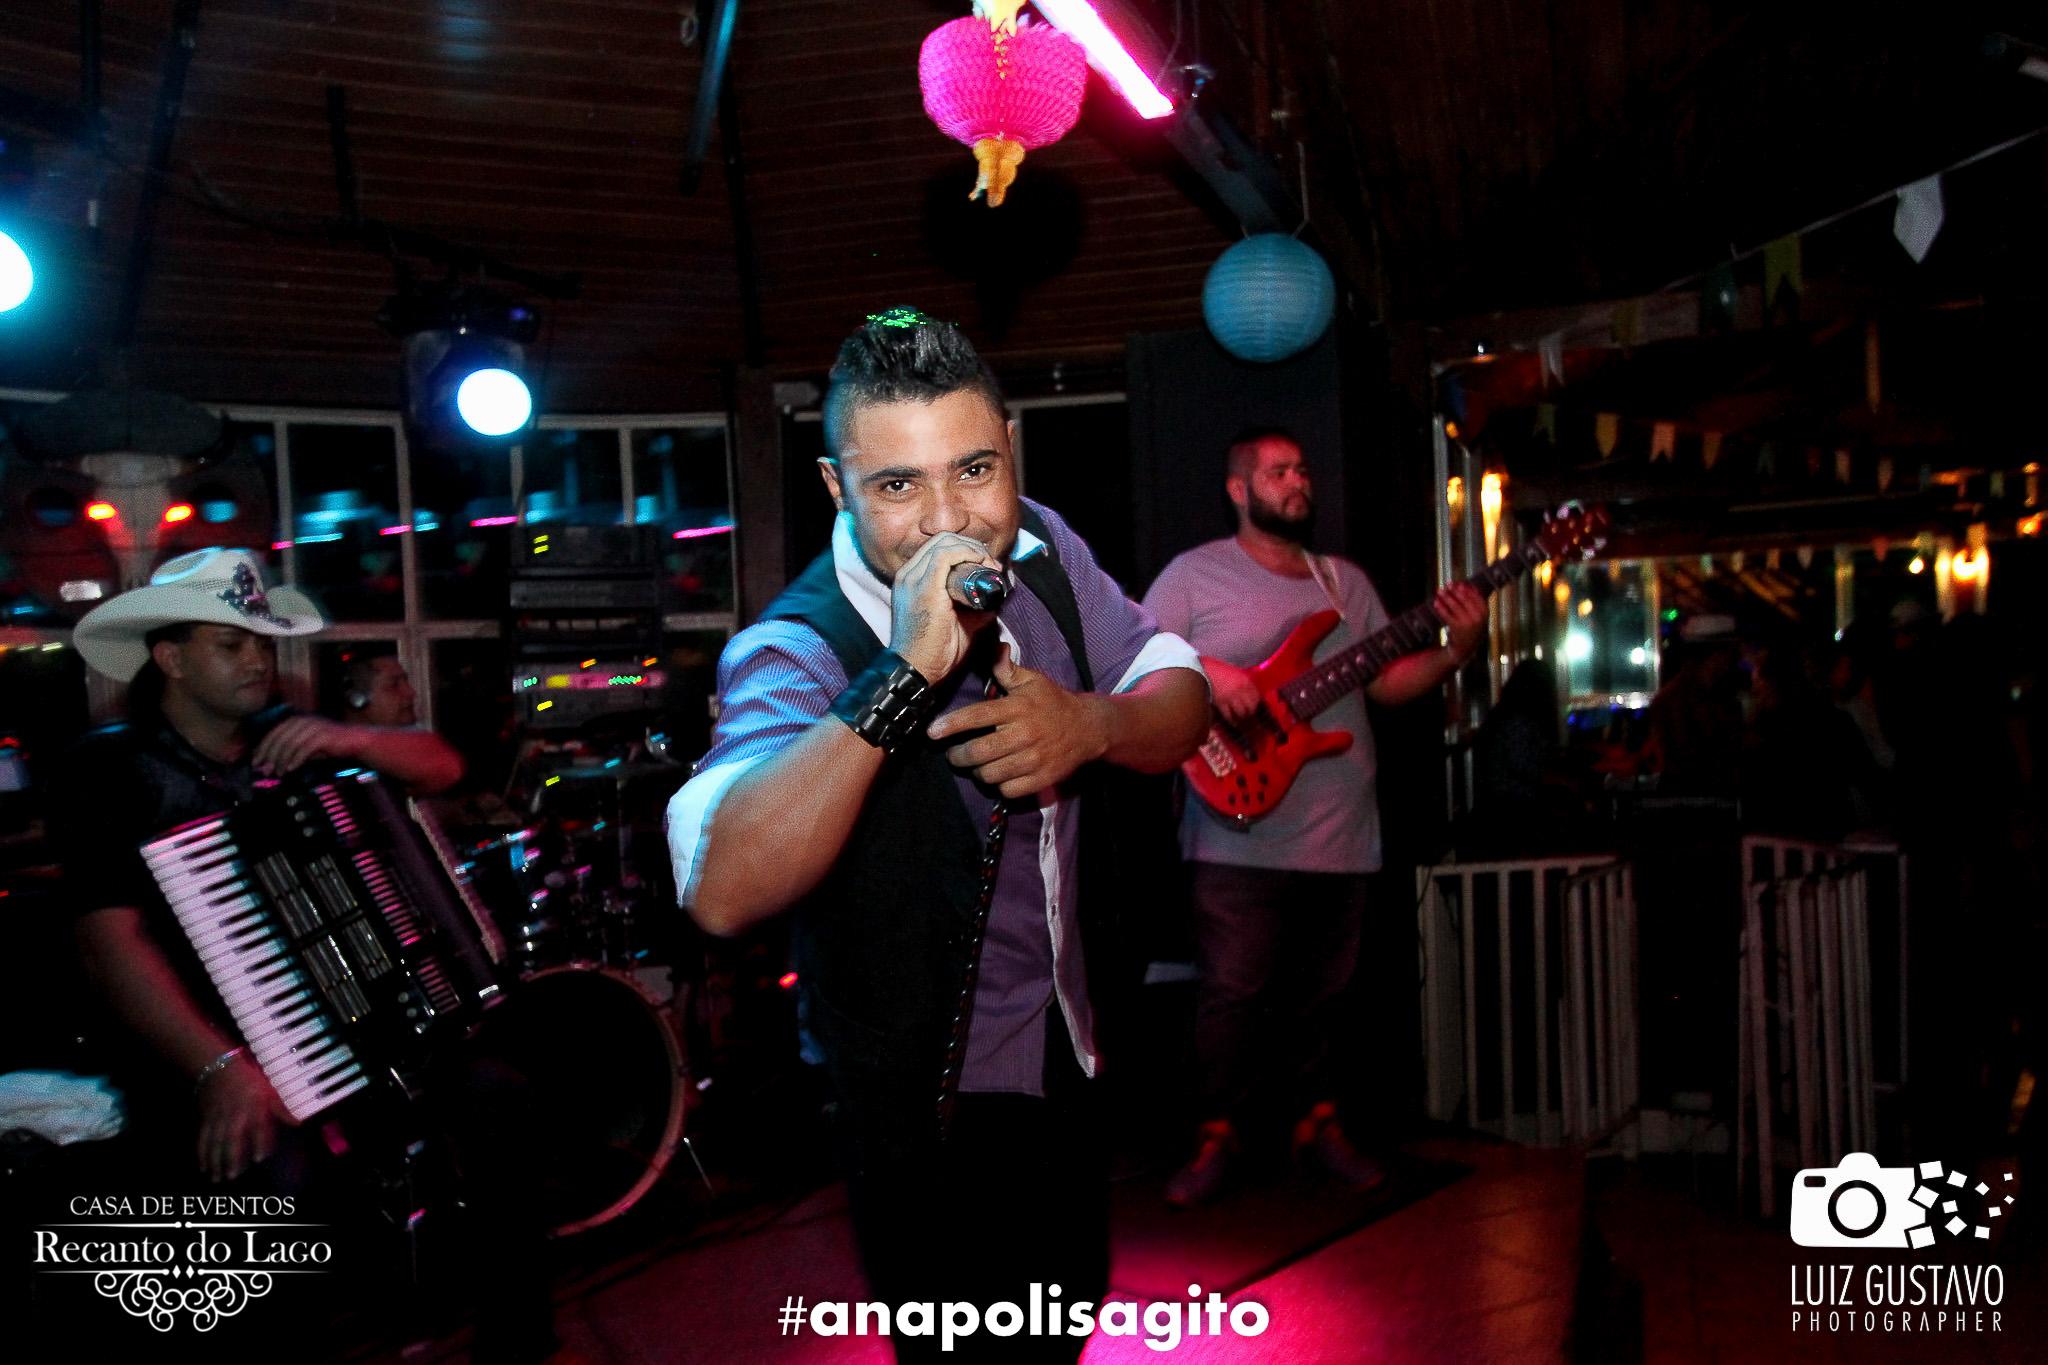 Luiz Gustavo Photographer (54 de 65)